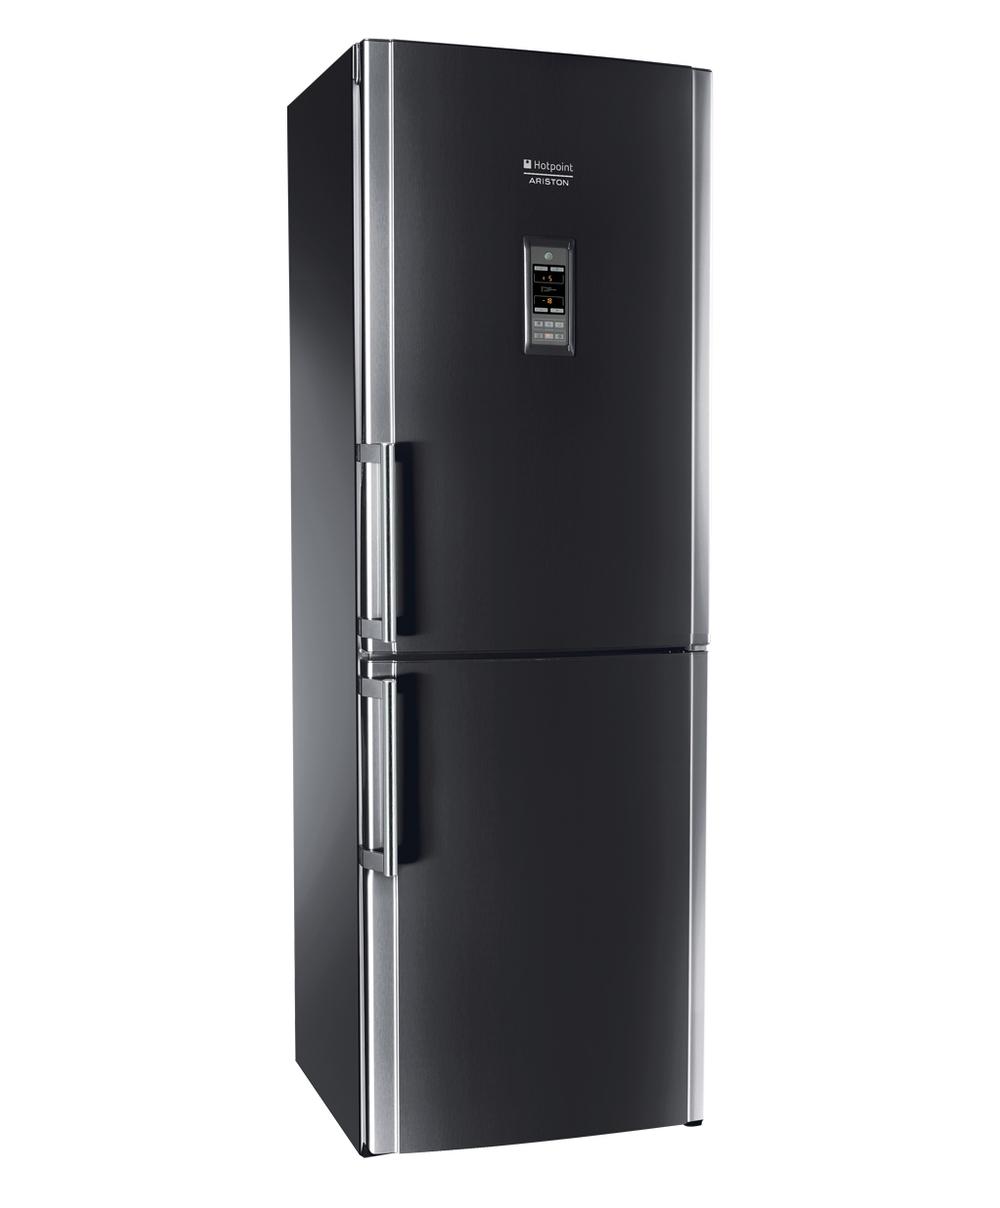 Холодильник Аристон Индезит